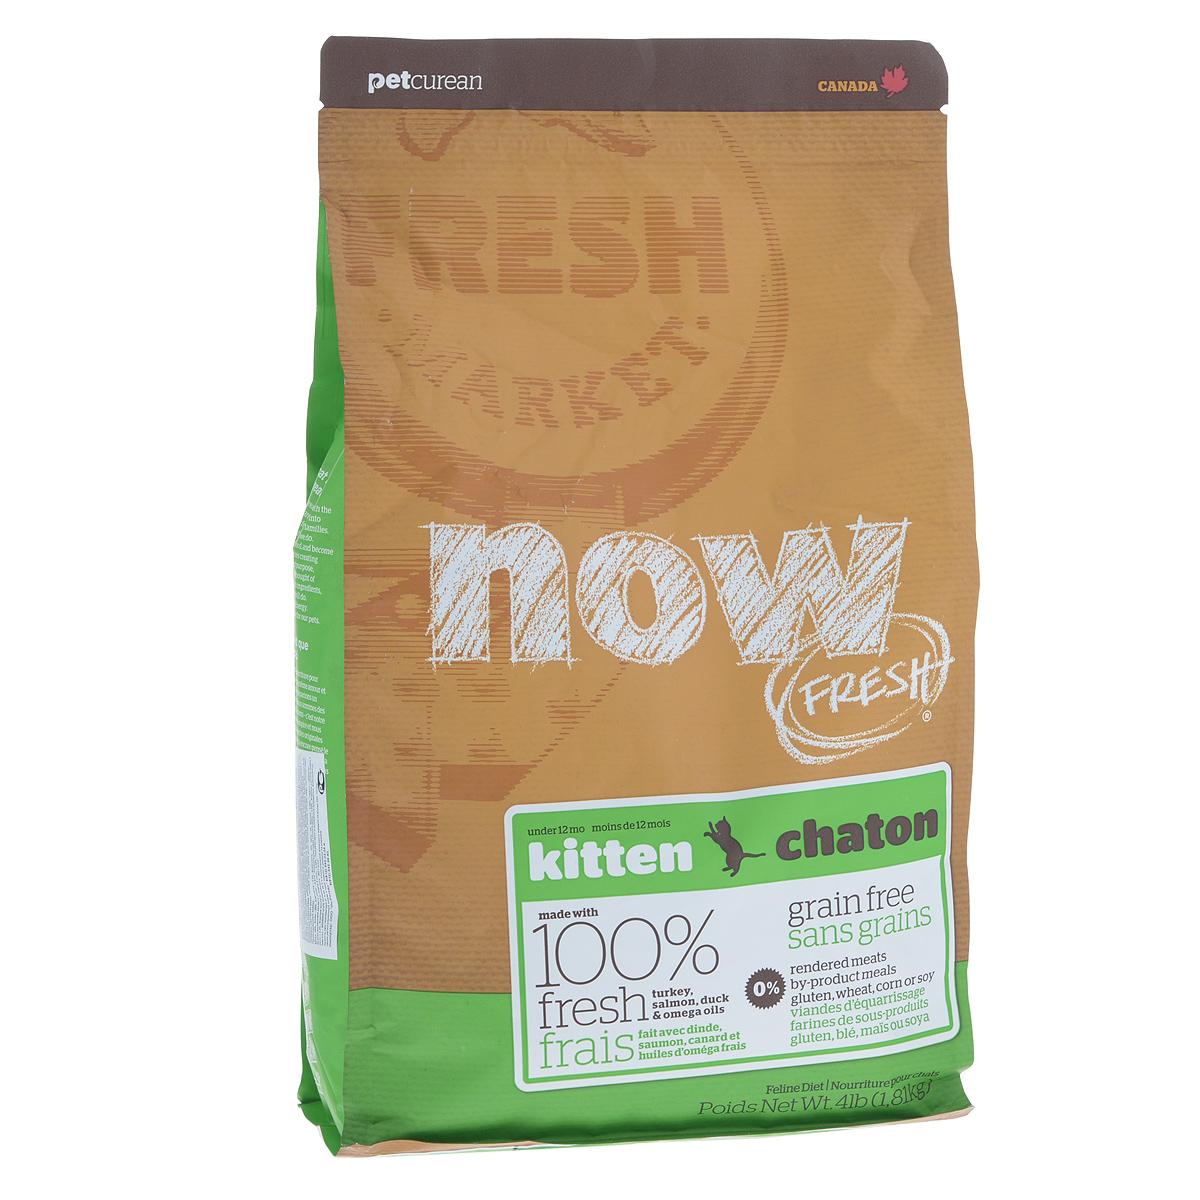 Корм сухой Now Fresh для котят, беззерновой, с индейкой, уткой и овощами, 1,81 кг20039Now Fresh - полностью сбалансированный холистик корм для котят с 5 недели до 1 года из свежего филе индейки, лосося и утки, выращенных на канадских фермах.Также корм подходит беременным и кормящим кошкам. При производстве кормов используется только свежее мясо индейки, утки, лосося, кокосовое и рапсовое масло.Ключевые преимущества: - полностью беззерновой, - не содержит субпродуктов, красителей, говядины, мясных ингредиентов, выращенных на гормонах, - наличие всех питательных компонентов для правильного развития костей и суставов,- оптимальное соотношение белков и жиров помогает кошек оставаться здоровым и сохранять отличную форму, - докозагексаеновая кислота (DHA) и эйкозапентаеновая кислота (EPA) необходима для нормальной деятельности мозга и здорового зрения, - пробиотики и пребиотики обеспечивают здоровое пищеварение, - таурин необходим для здоровья глаз и нормального функционирования сердечной мышцы, - омега-масла в составе необходимы для здоровой кожи и шерсти, - антиоксиданты укрепляют иммунную систему,- профилактика образования комочков шерсти в желудке. Состав: филе индейки, картофель, горох, свежие цельные яйца, картофельная мука, томаты, семена льна, яблоки, филе лосося, утиное филе, масло канолы (источник витамина Е), люцерна, натуральный ароматизатор, кокосовое масло (источник витамина Е), лецитин, морковь, тыква, бананы, черника, клюква, ежевика, папайя, ананас, грейпфрут, чечевица, брокколи, шпинат, творог, ростки люцерны, дикальций фосфат, вяленых люцерна, сушеные водоросли, карбонат кальция, фосфорная кислота, хлорид натрия, лецитин, хлорид калия, DL-метионин, таурин, сушеные водоросли, витамины (витамин Е, L-аскорбил-2-полифосфатов (источник витамина С), никотиновая кислота, инозит, витамин А, мононитрат тиамина, D-пантотенат кальция, пиридоксина гидрохлорид, рибофлавин, бета-каротин, витамин D3, фолиевая кислота, биотин, витамин В12), минералы (протеинат цинка, с